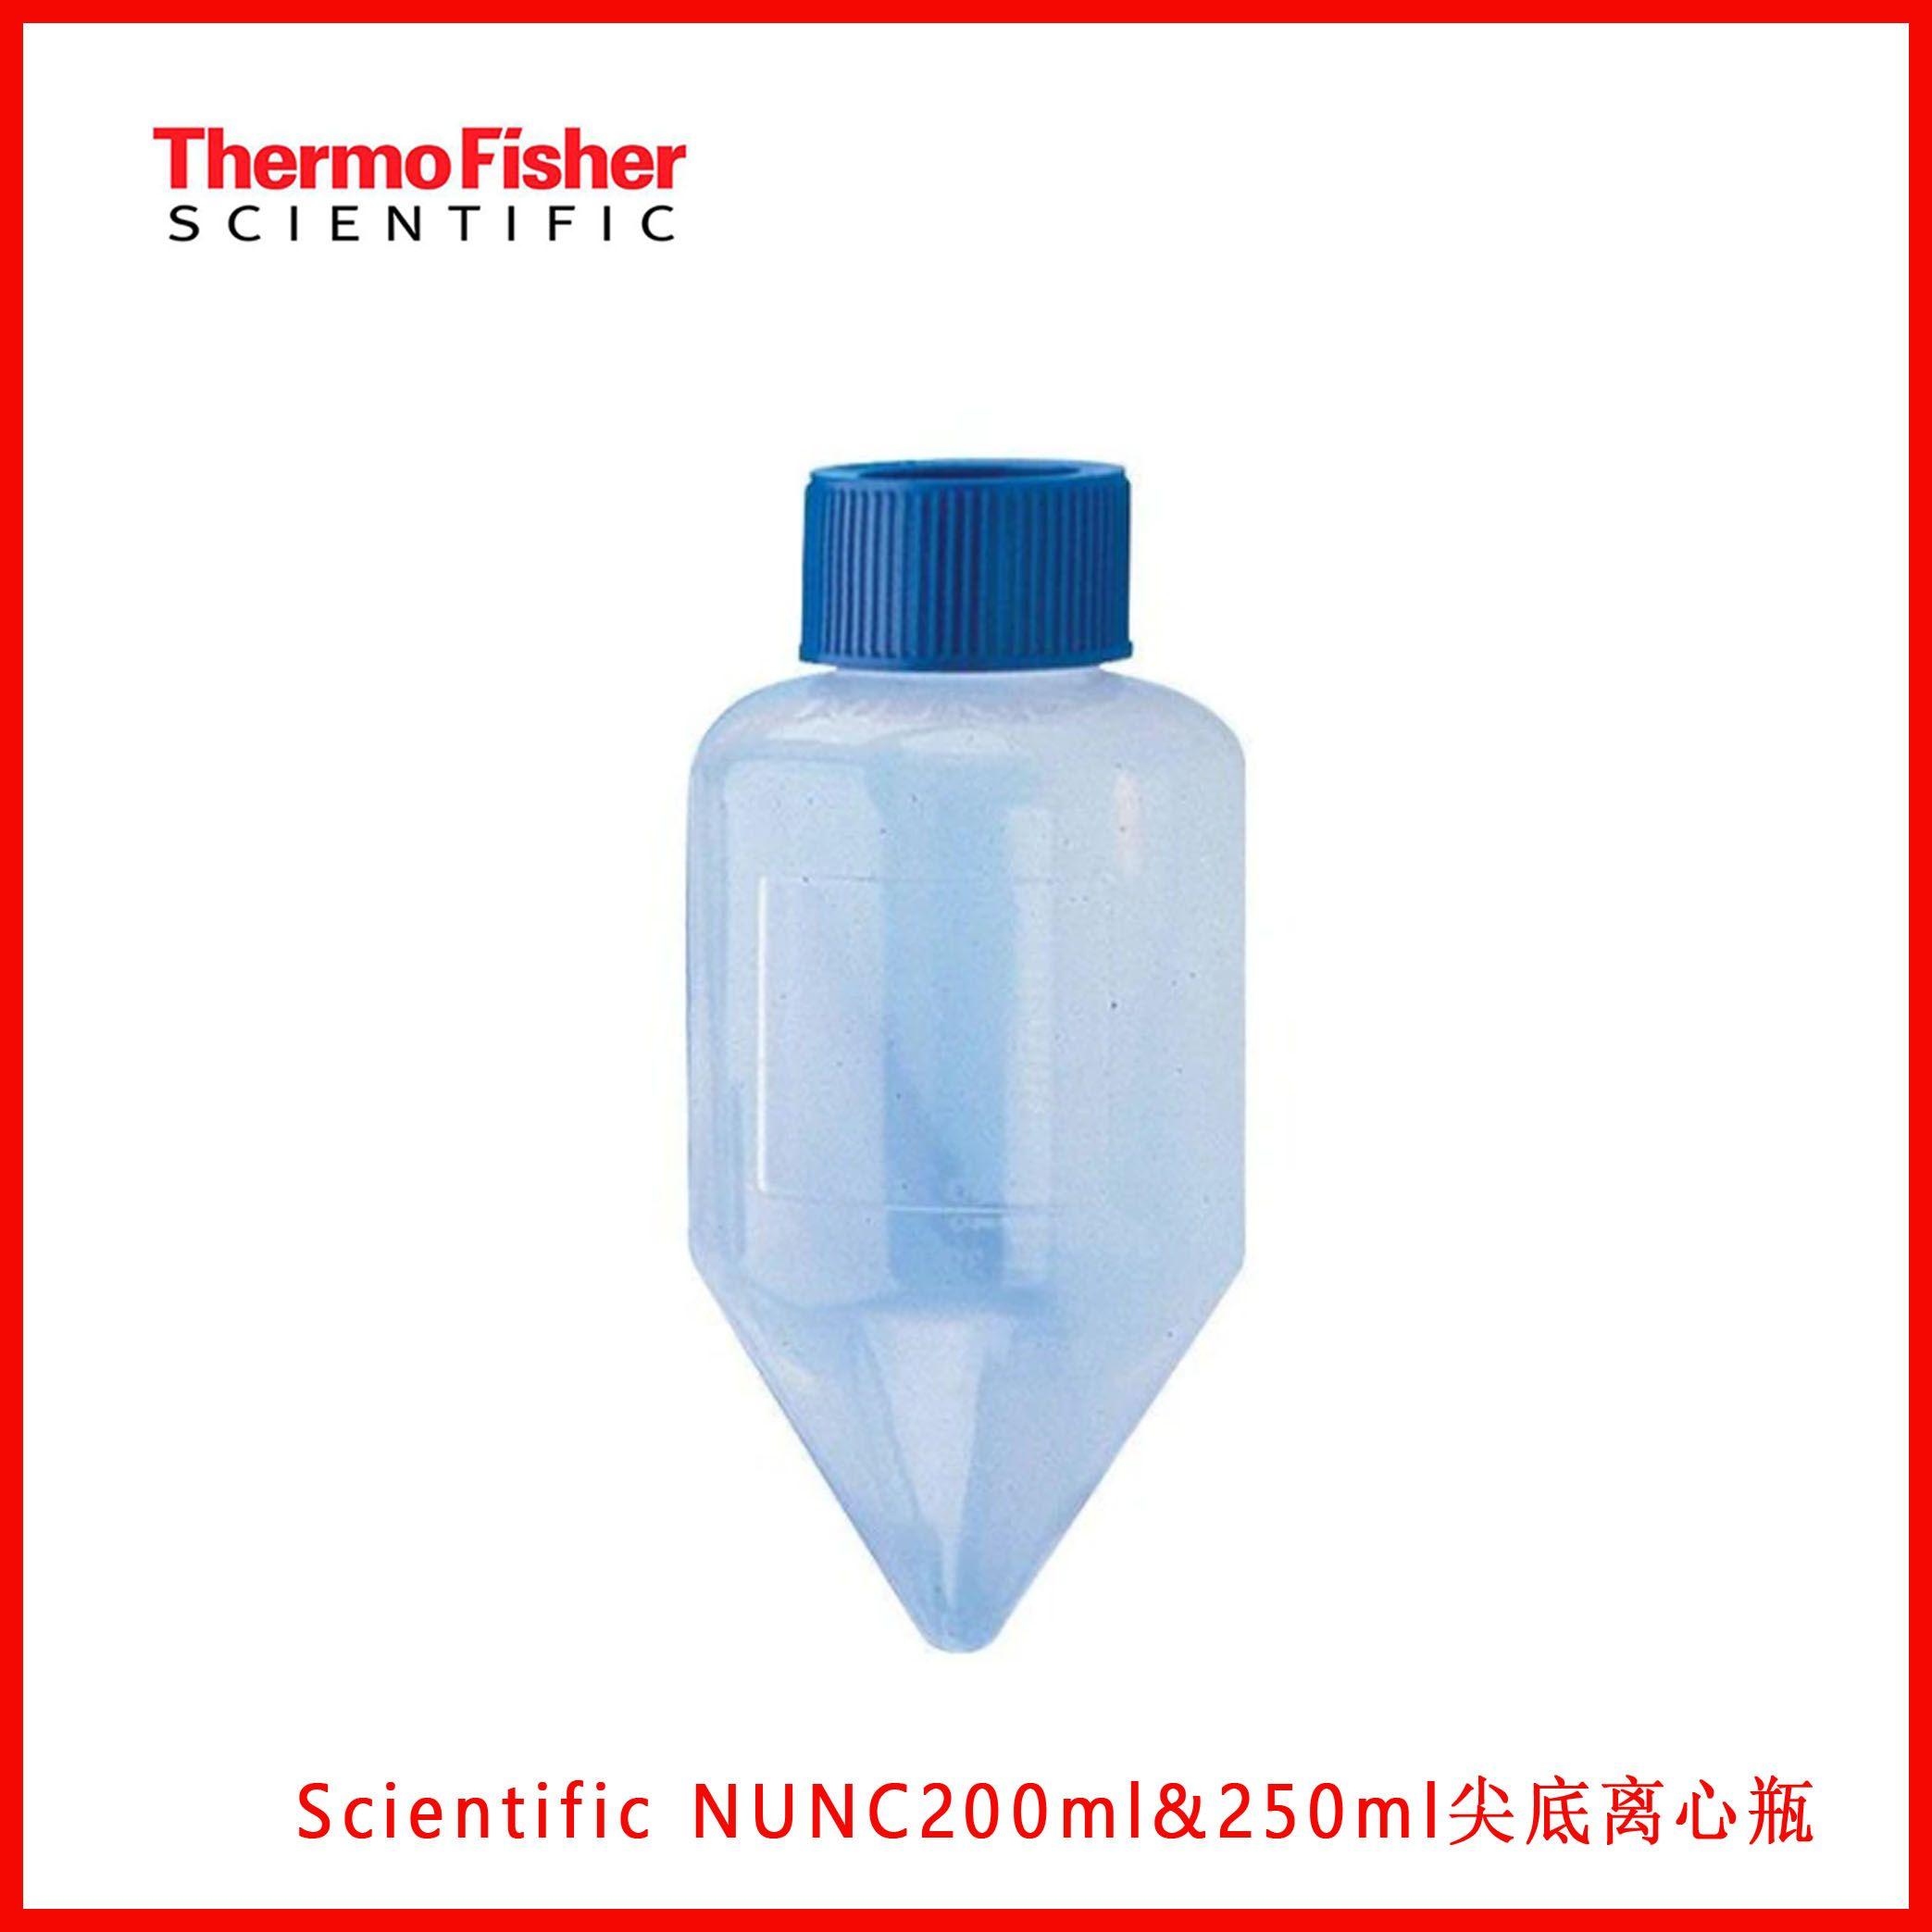 Thermo Scientific NUNC200ml&250ml尖底离心瓶,现货